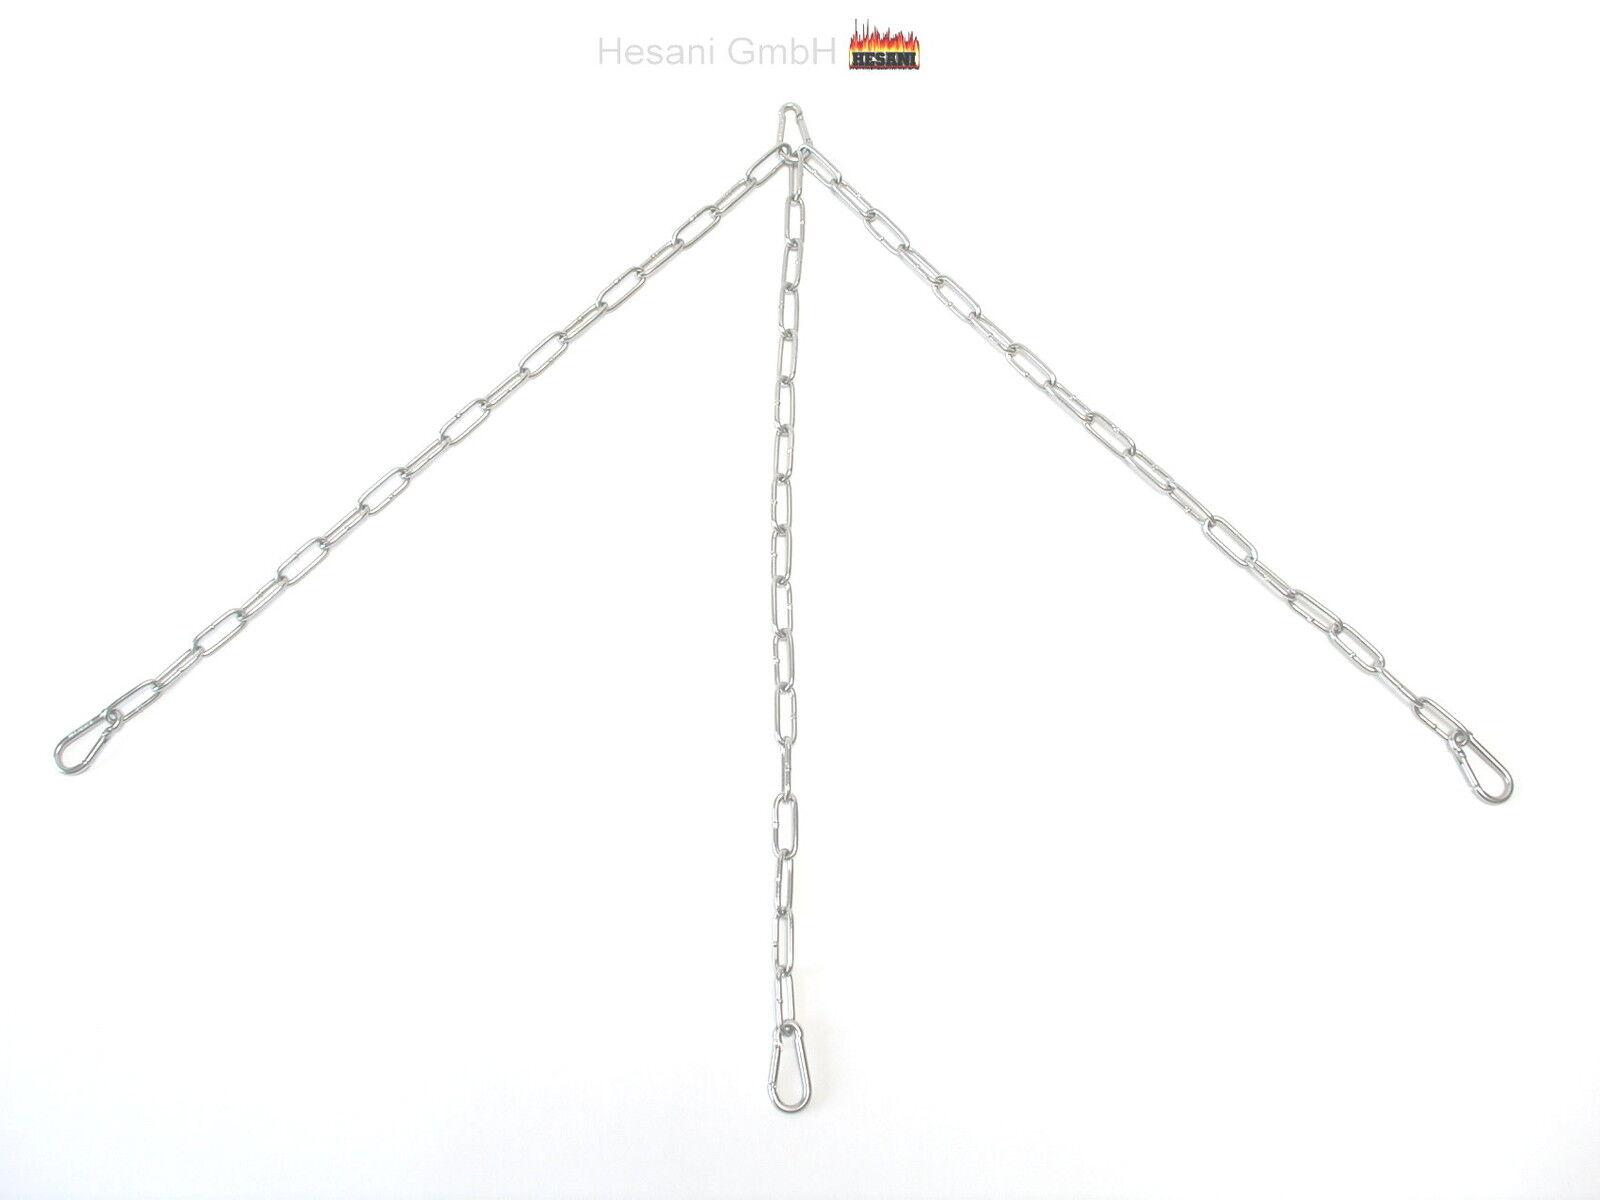 75 cm Kettensatz Edelstahl für Grillrost Aufhängung Grillkette Dreibein Kette